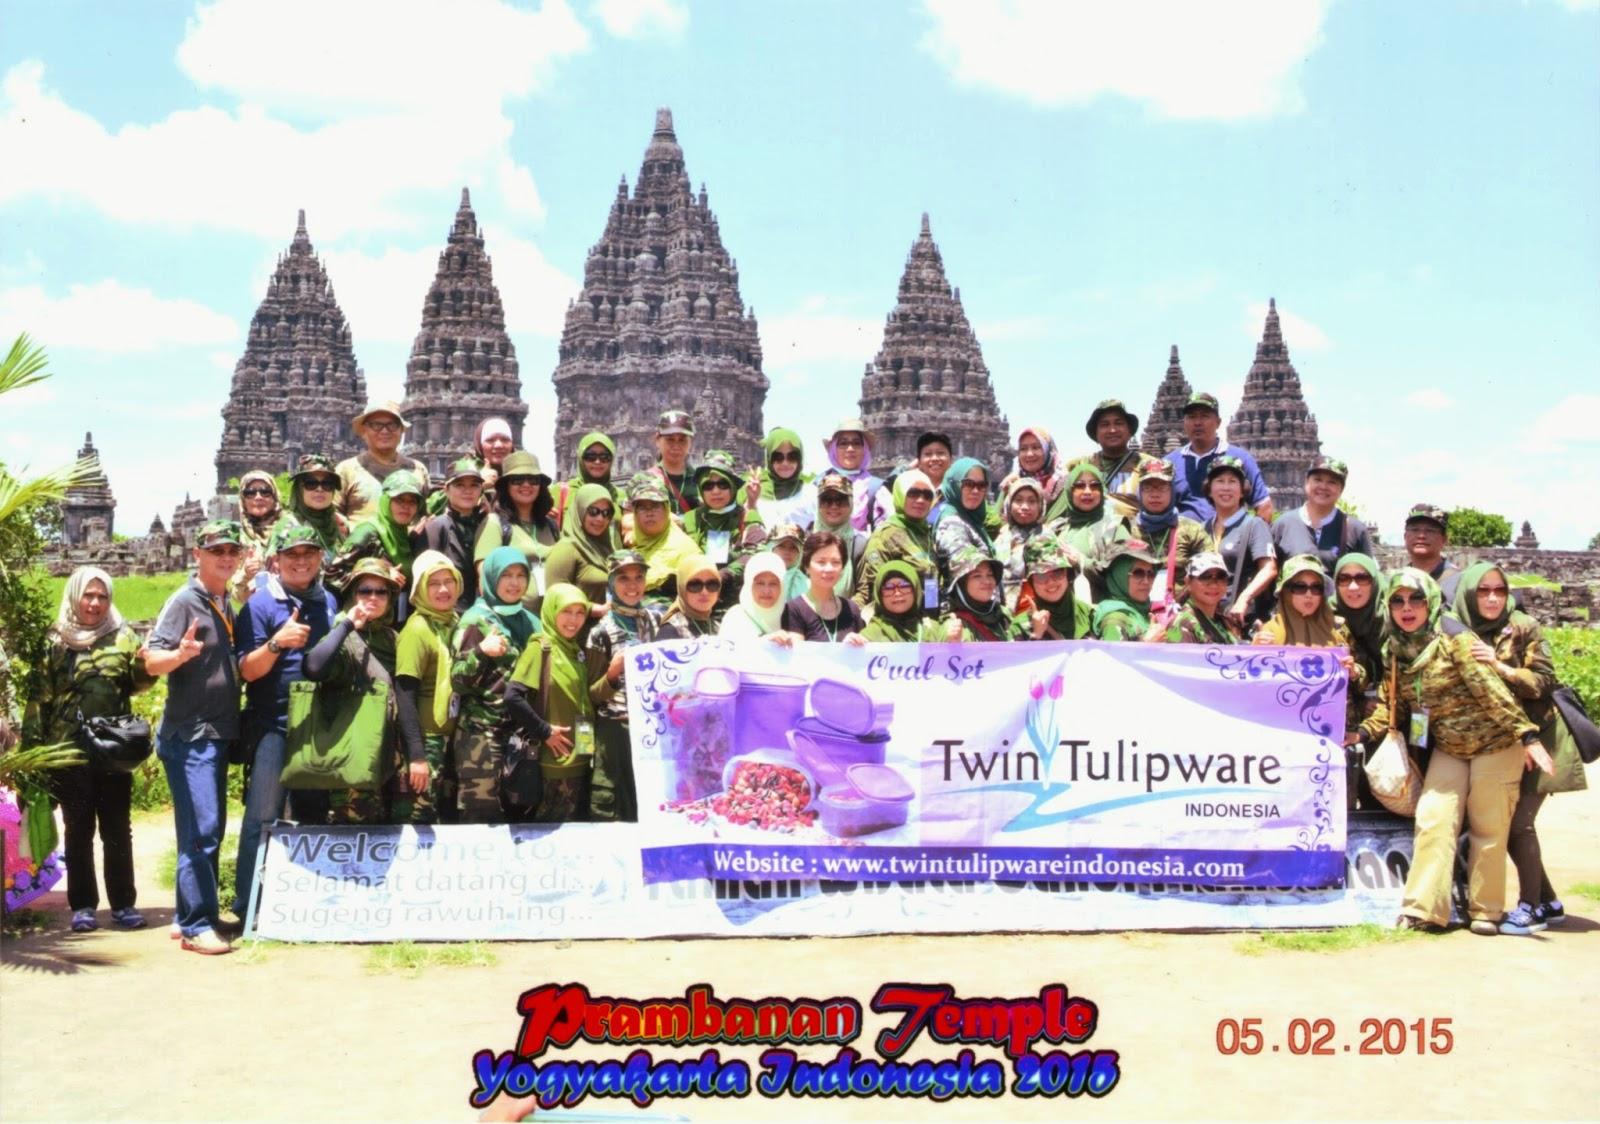 Tour Twin Tulipware 2015 di Candi Prambanan